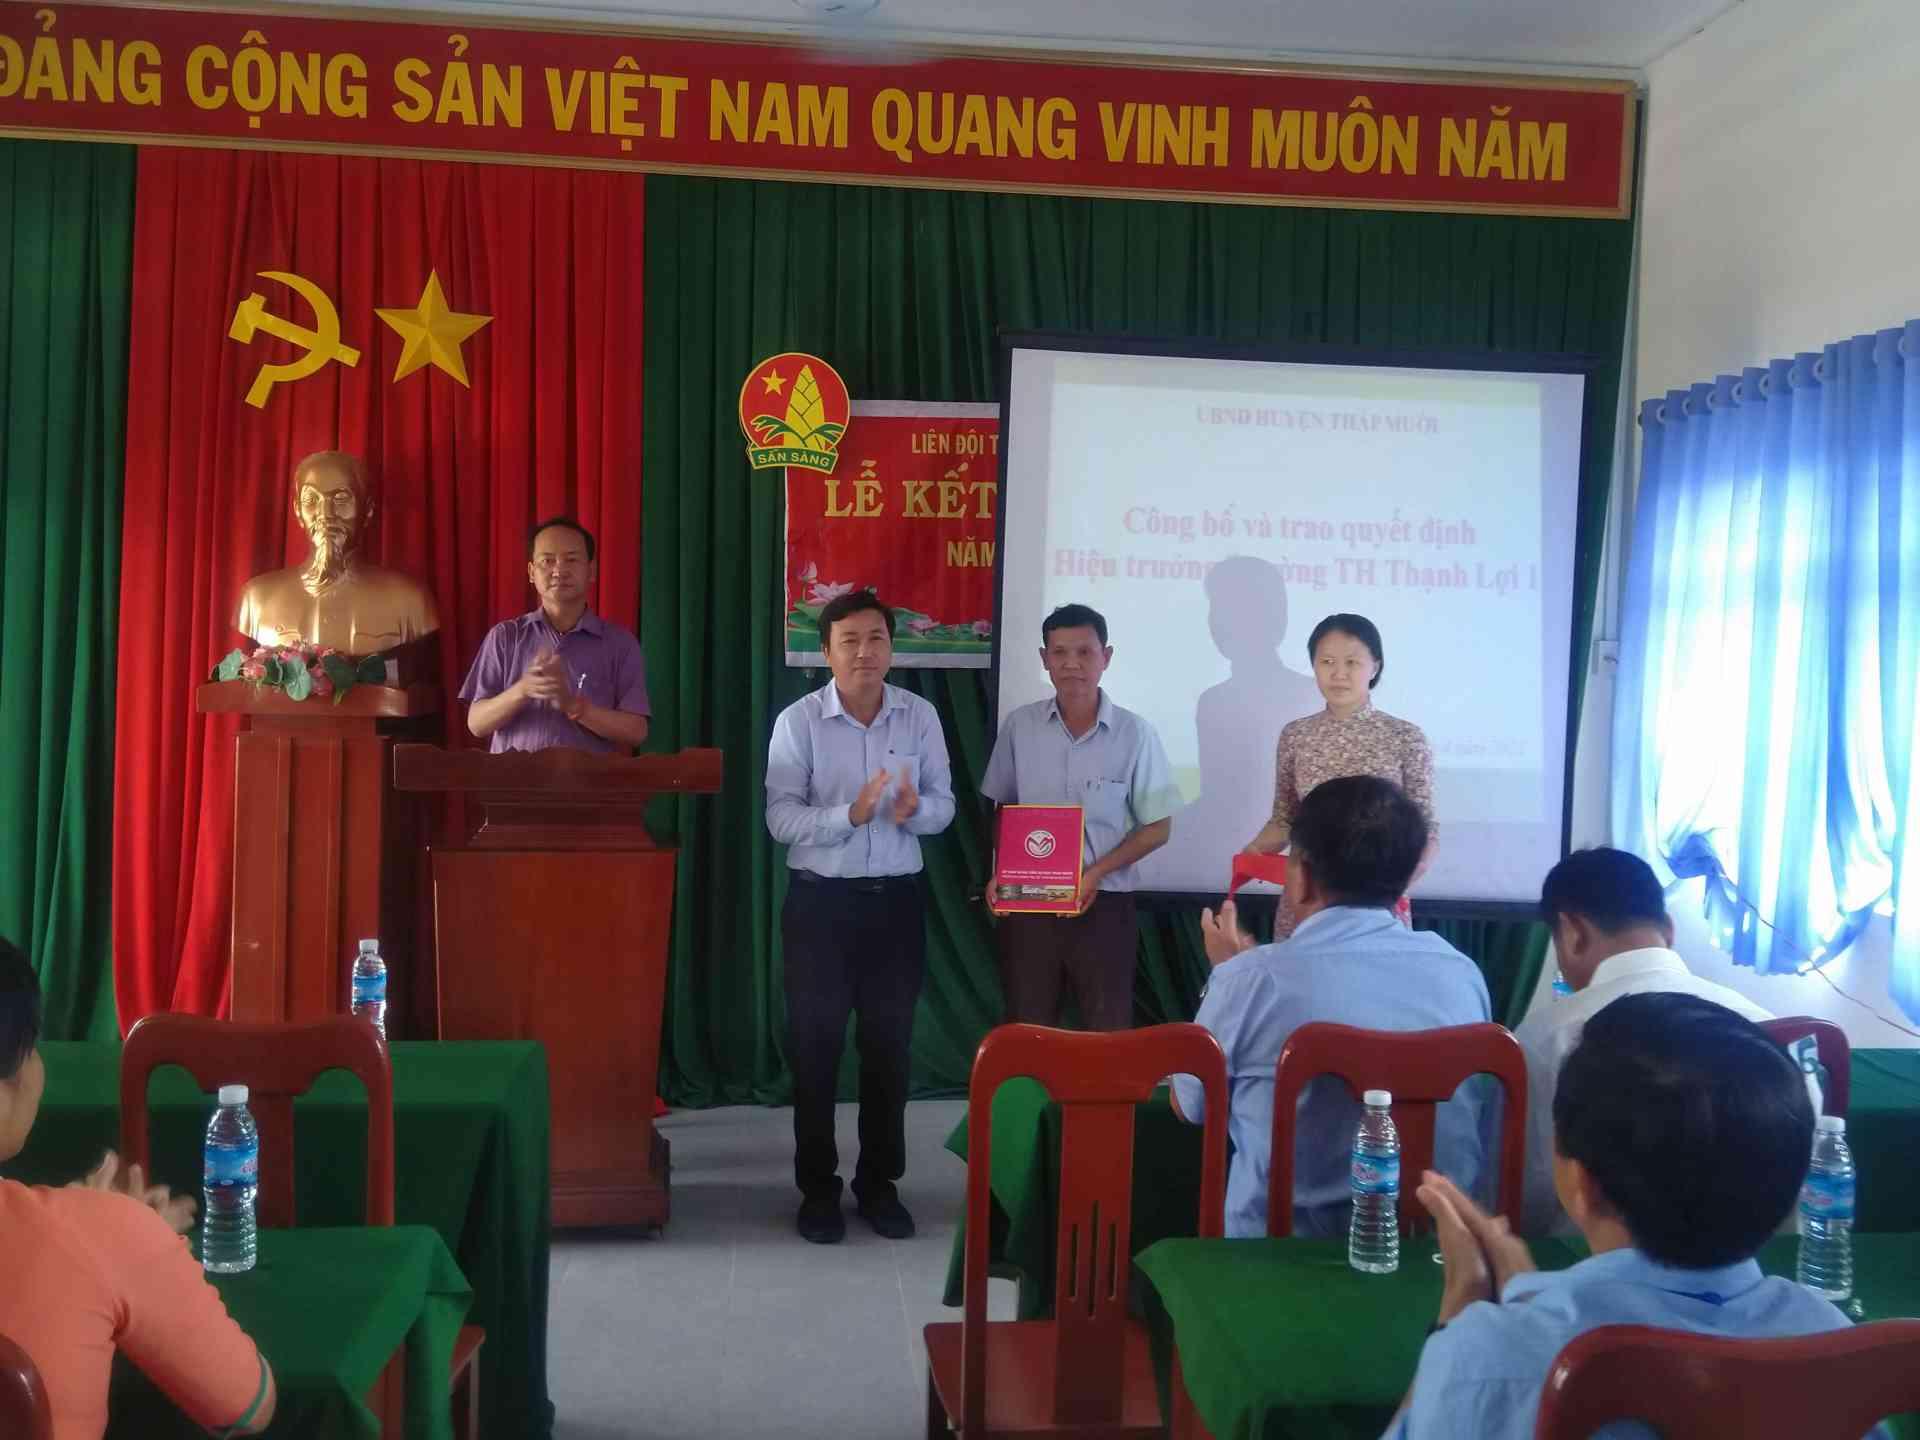 Thầy Ngô Thanh Sang ( trưởng phòng GD) trao quyết định hiểu trưởng cho thầy Nguyễn Ngọc Minh.